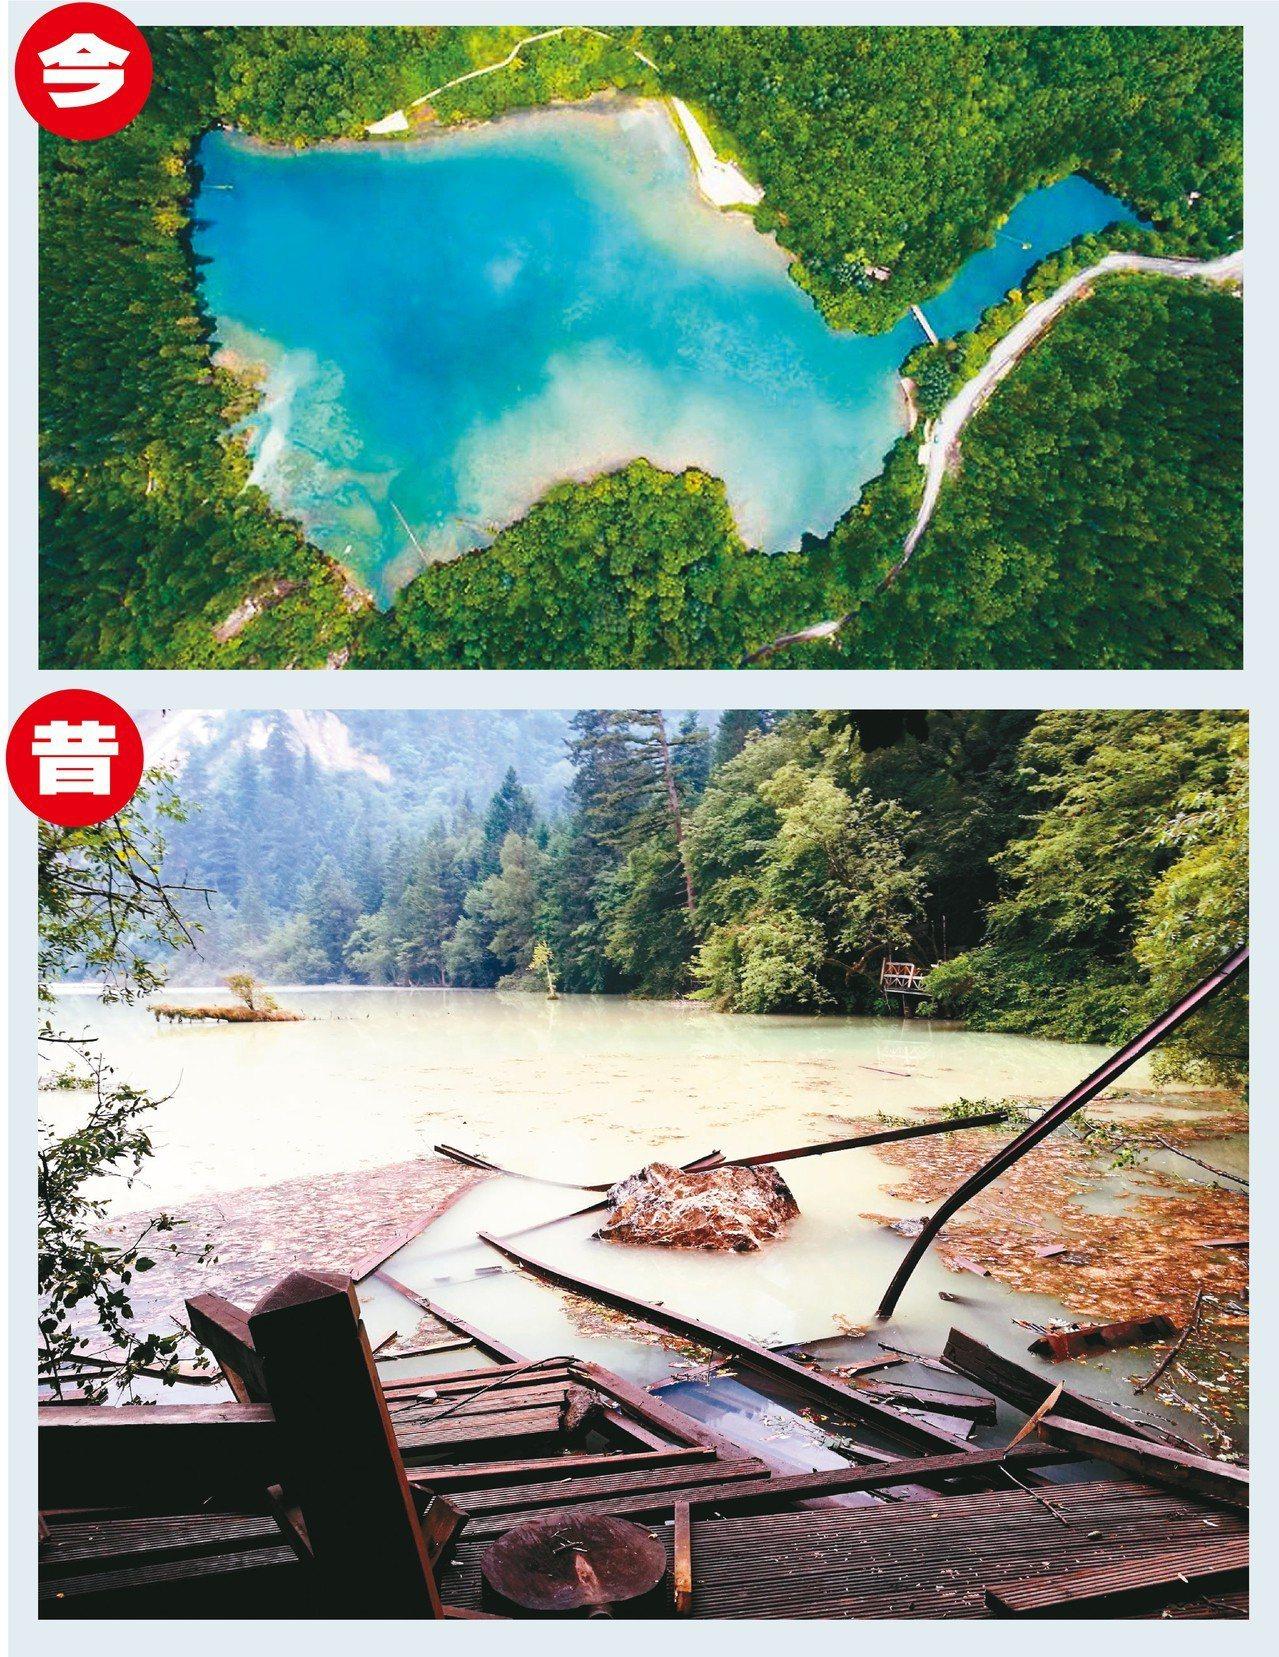 神奇自癒,九寨溝震後一年,舊景點現新貌。圖/擷自香港大公報